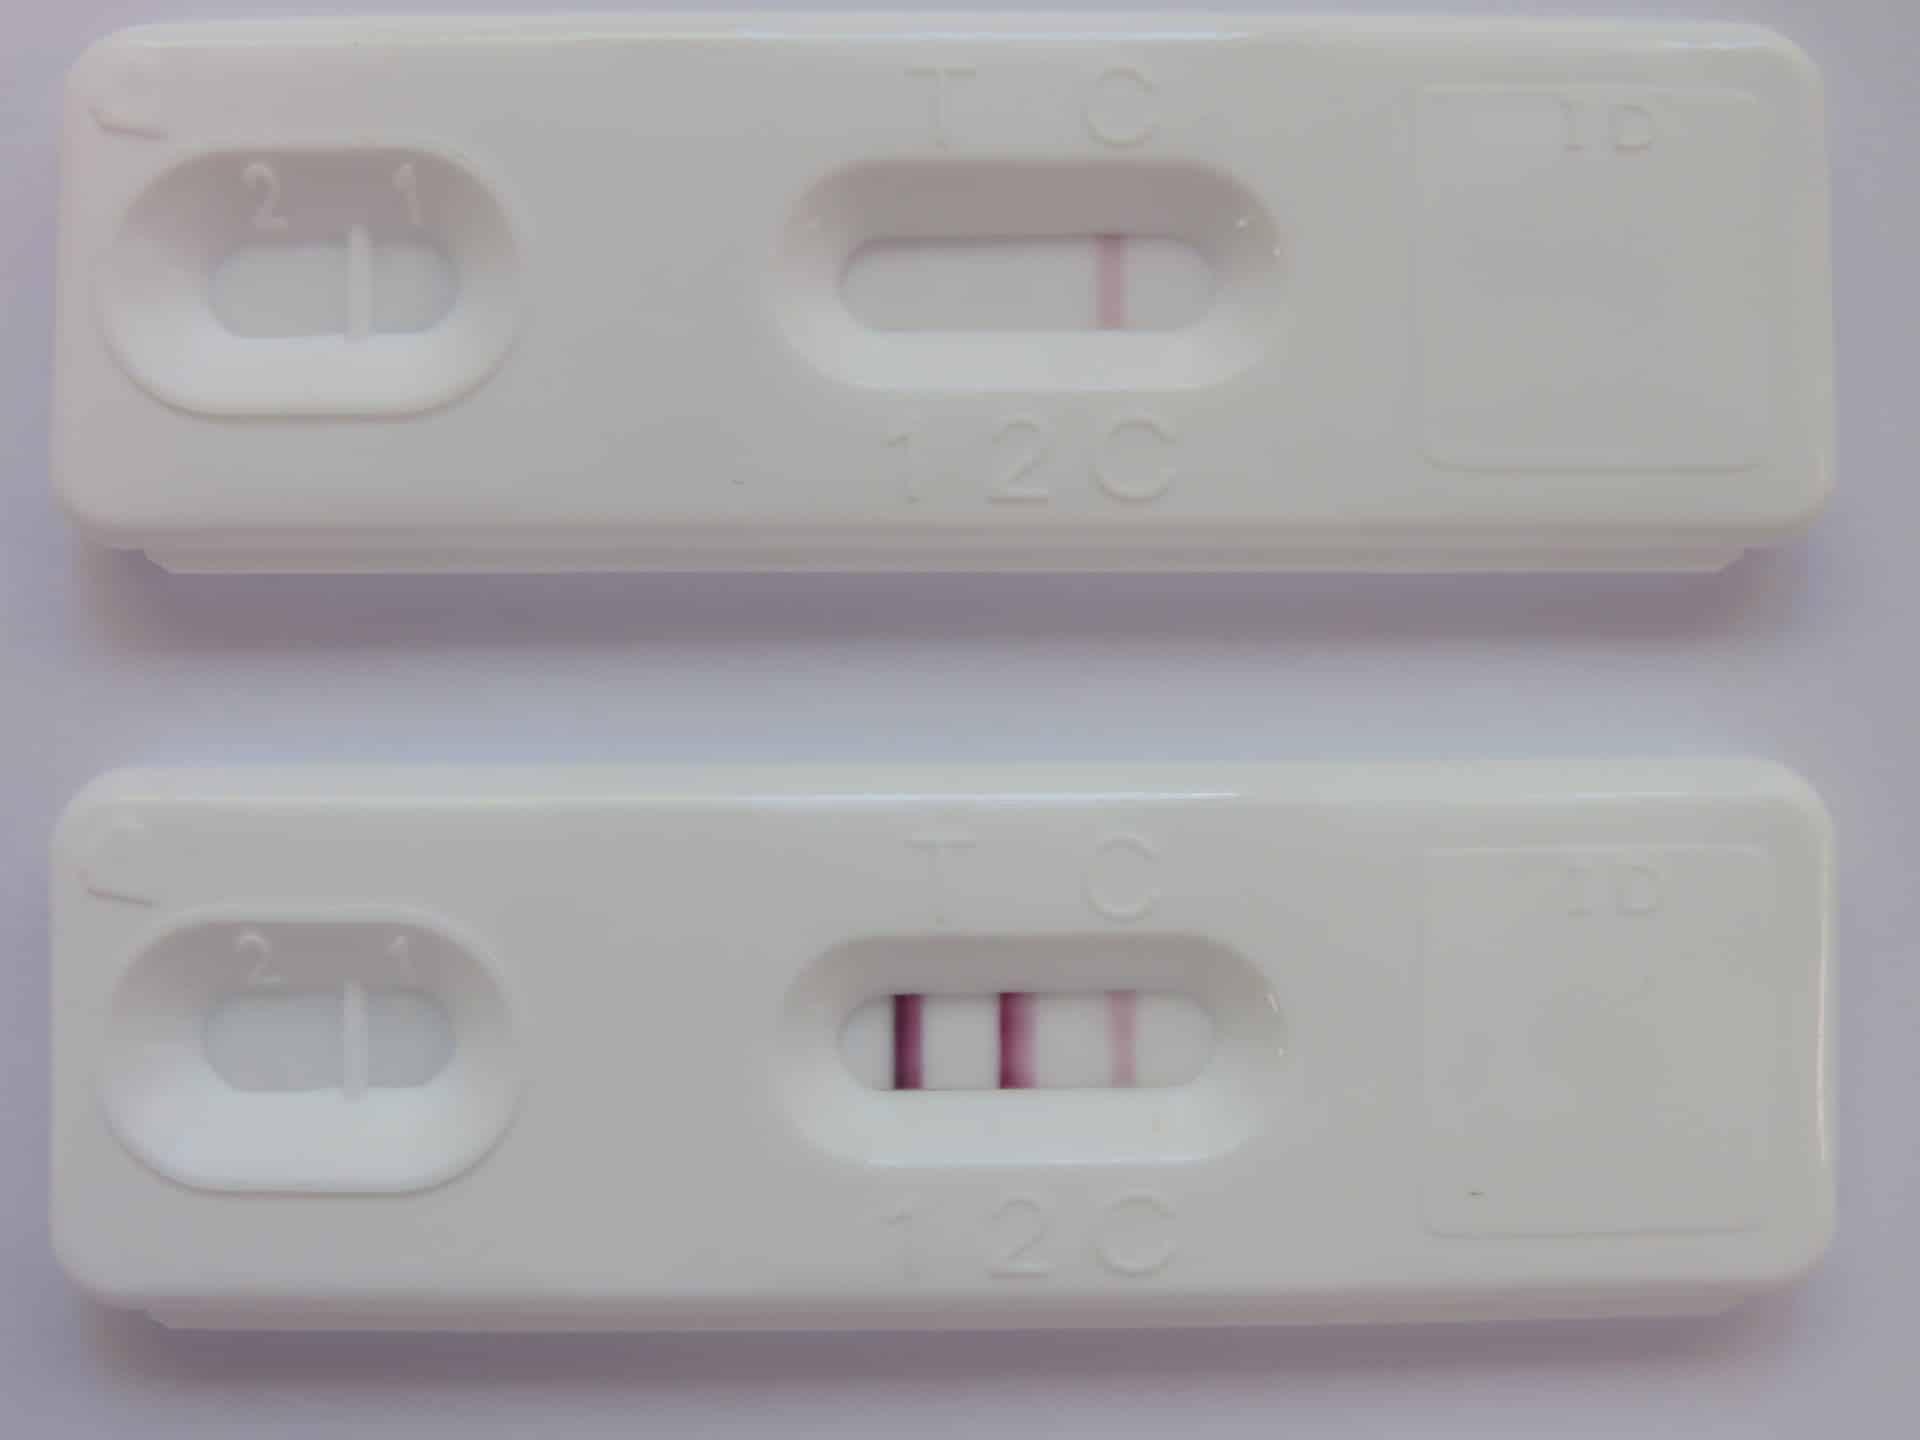 COVID-19-CHECK-1 TEST